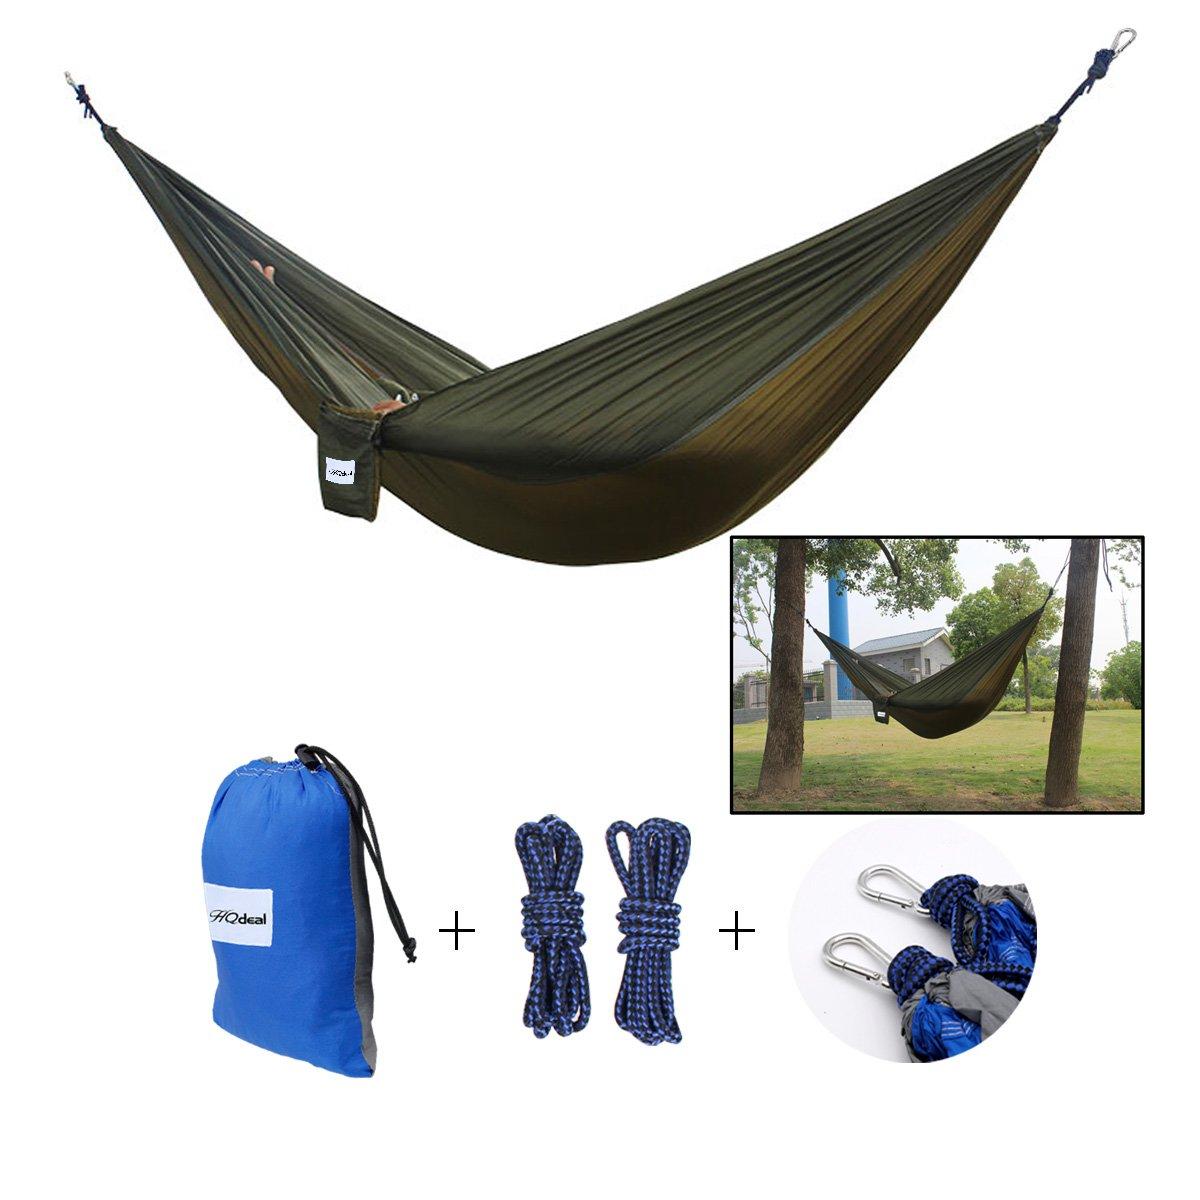 HQdeal Fallschirmseide Hä ngen Hä ngematte fü r den Garten/Camping/Strand/Reisen 2 Personen Belastung 445lbs